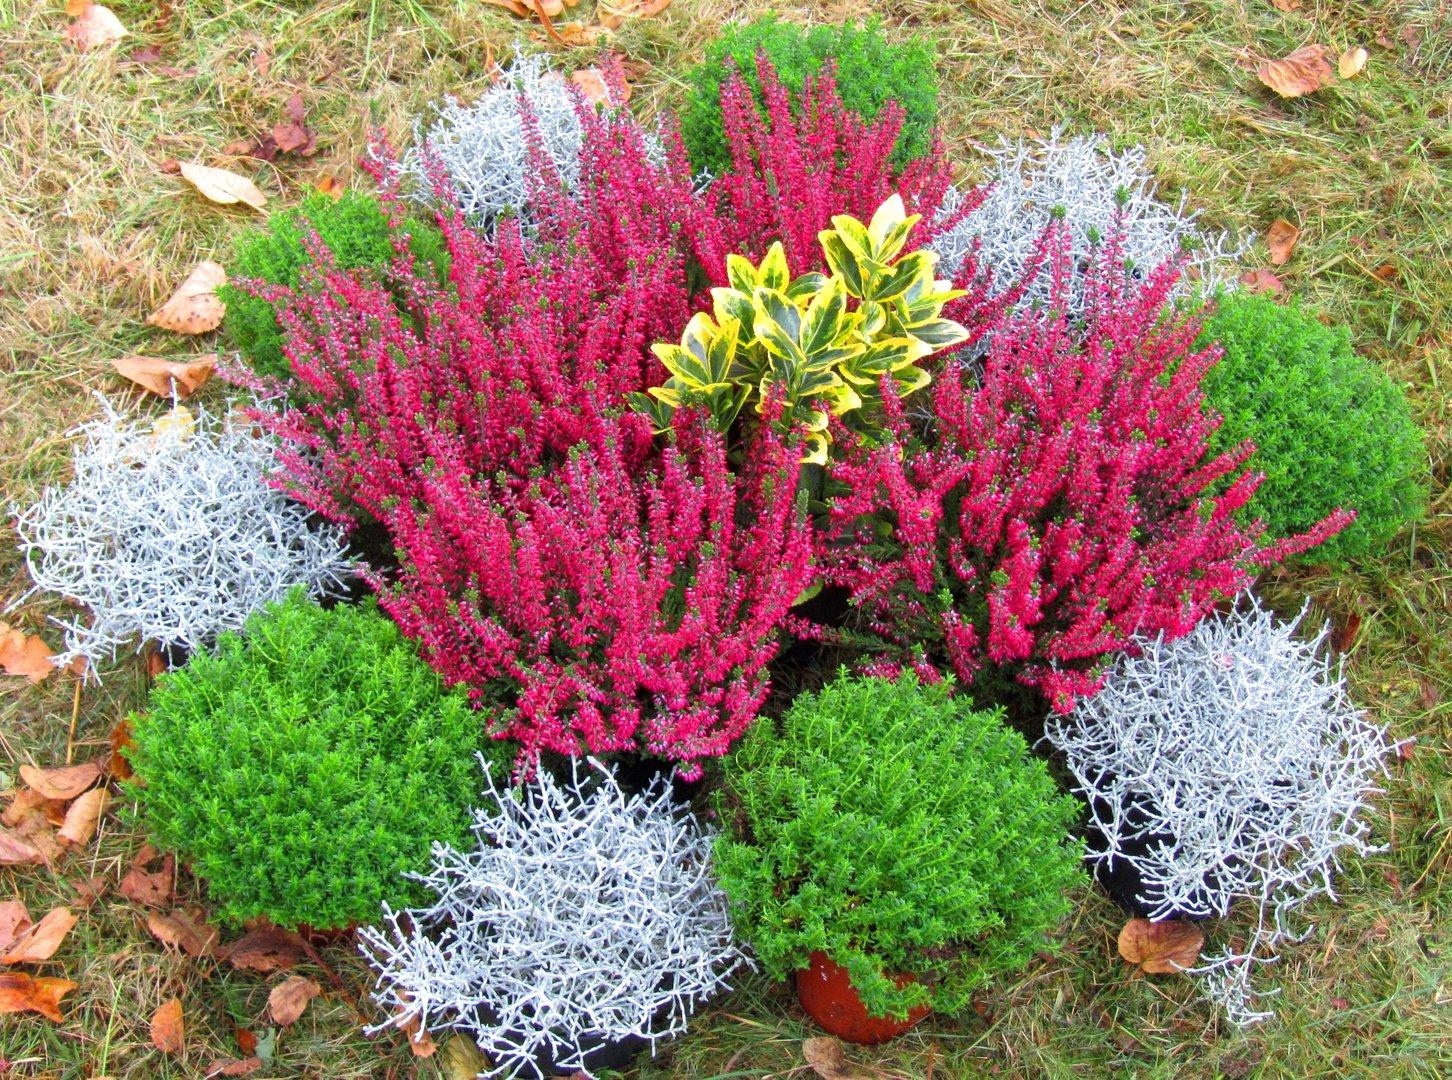 Grabbepflanzung Einzelgrab Wechselbepflanzung Herbst  Winter Versand Harros Pflanzenwelt